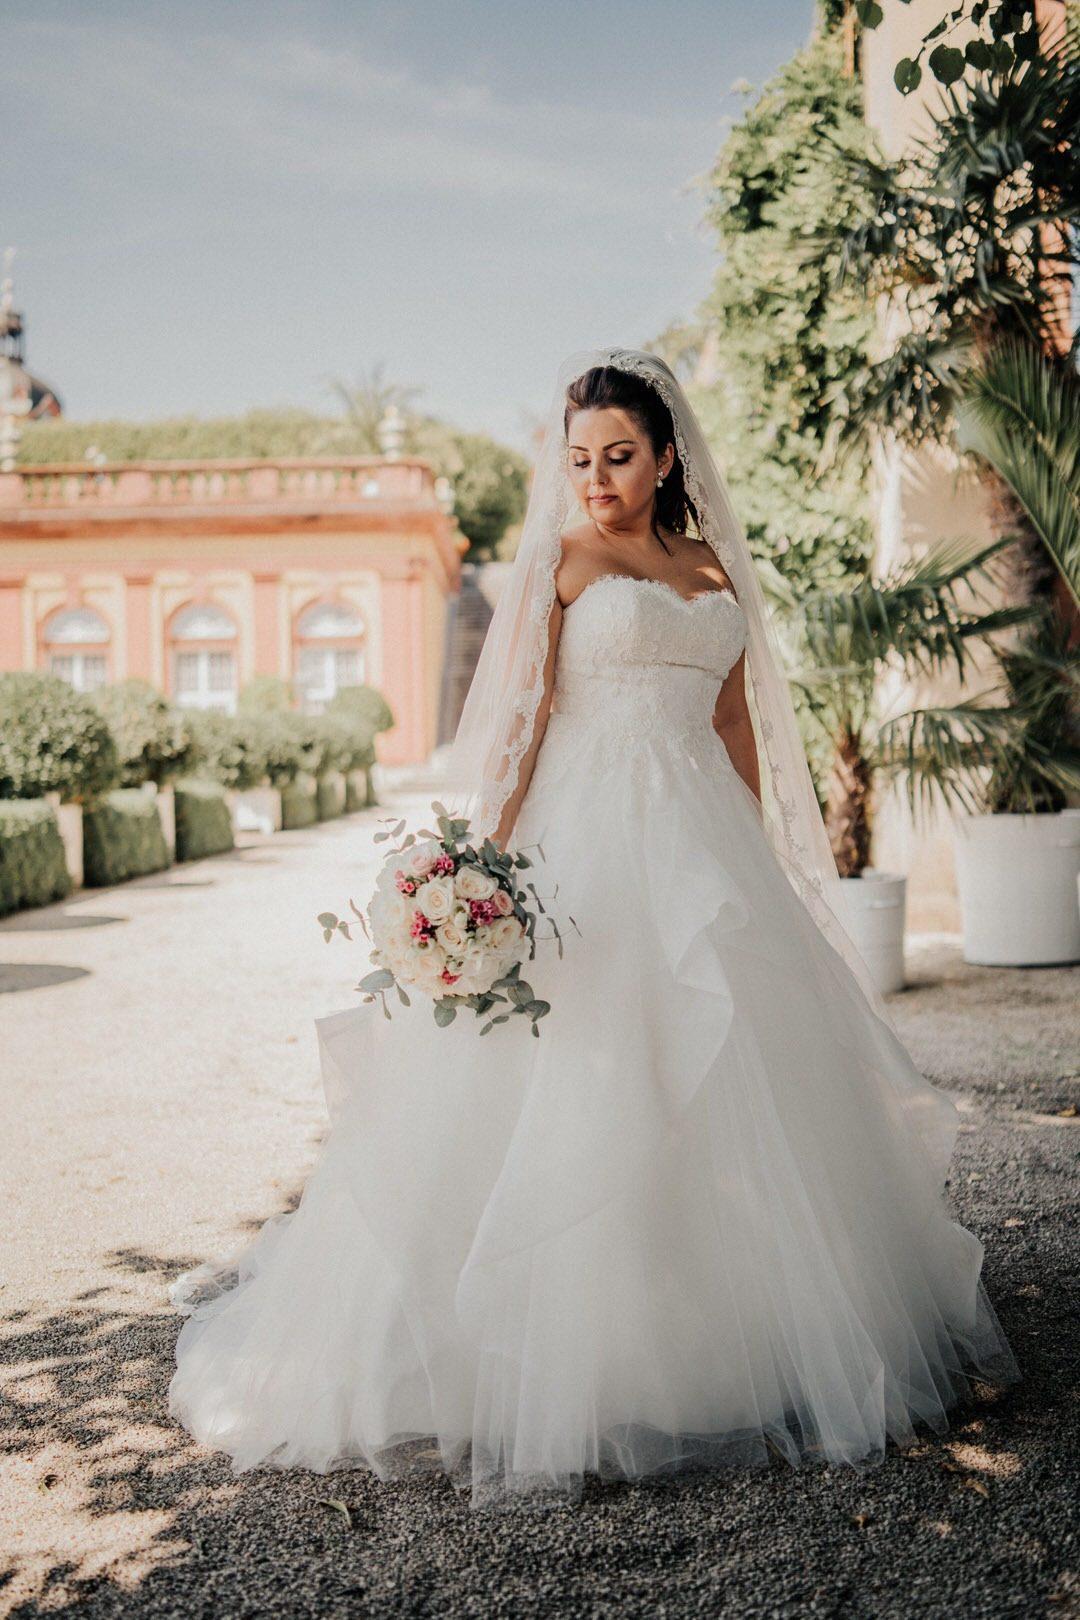 Stil der italienischen Hochzeitsbraut beim Paar-Shooting